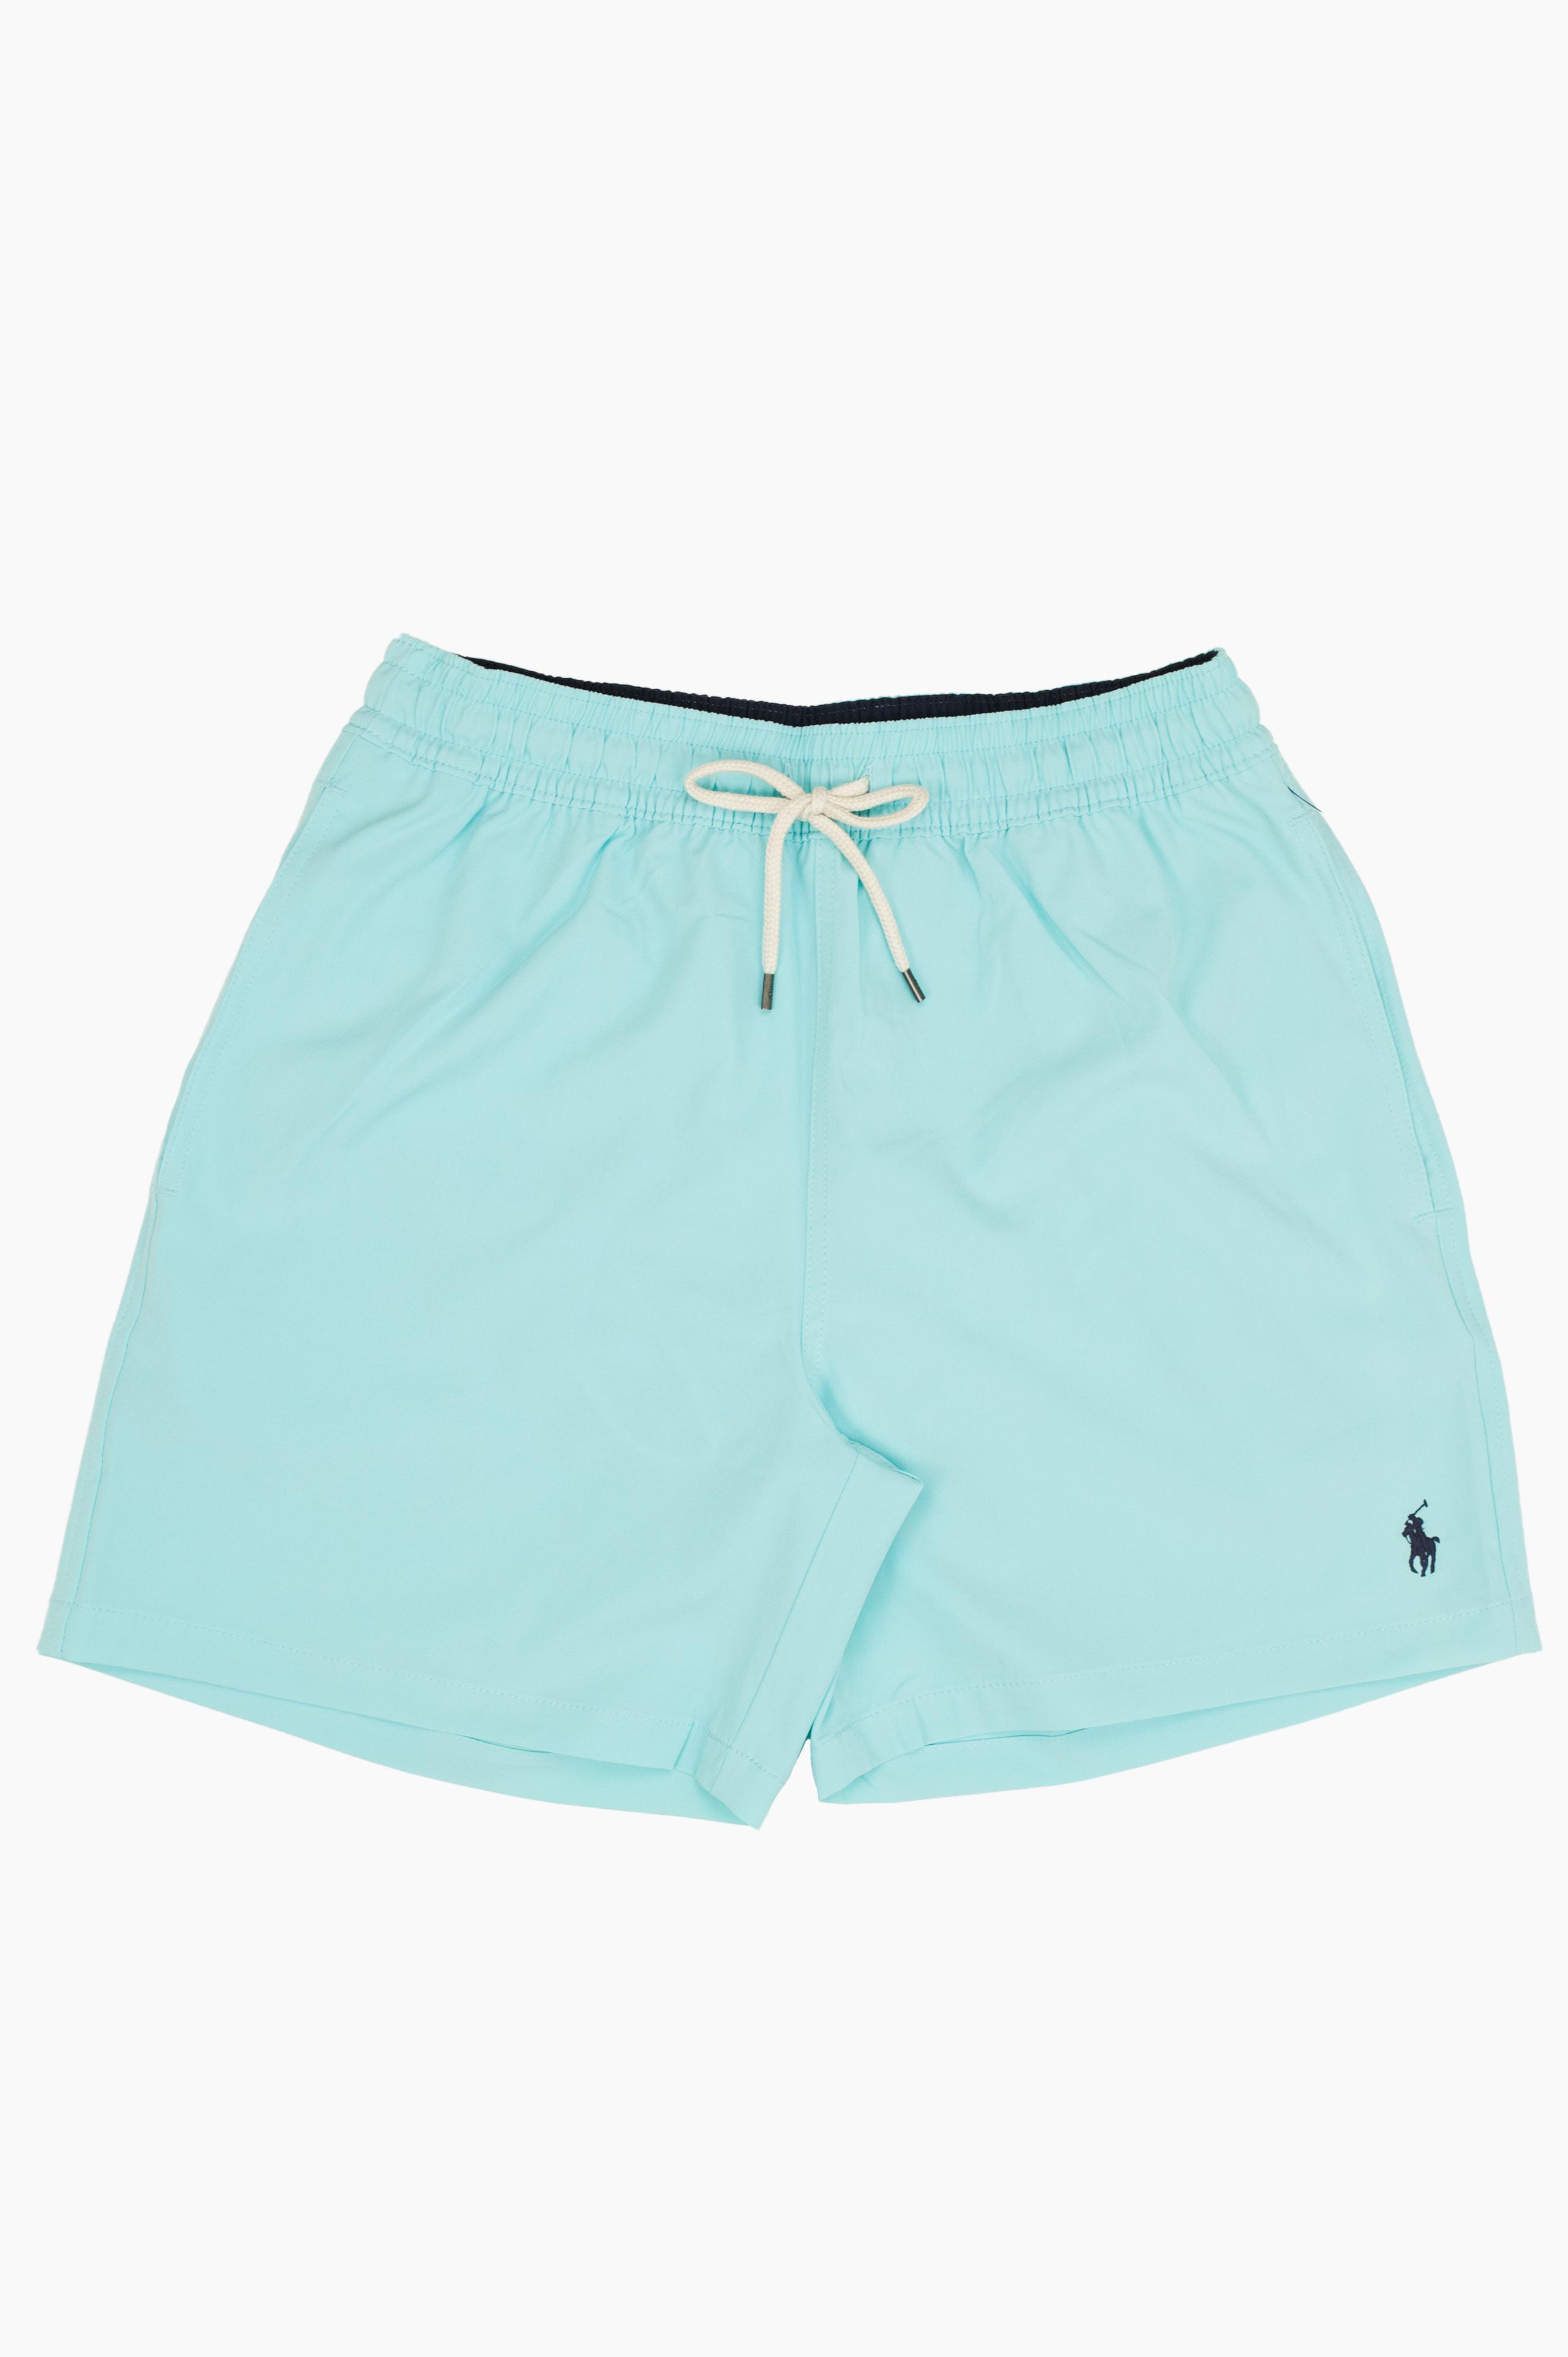 Traveler Swim Shorts Light Blue